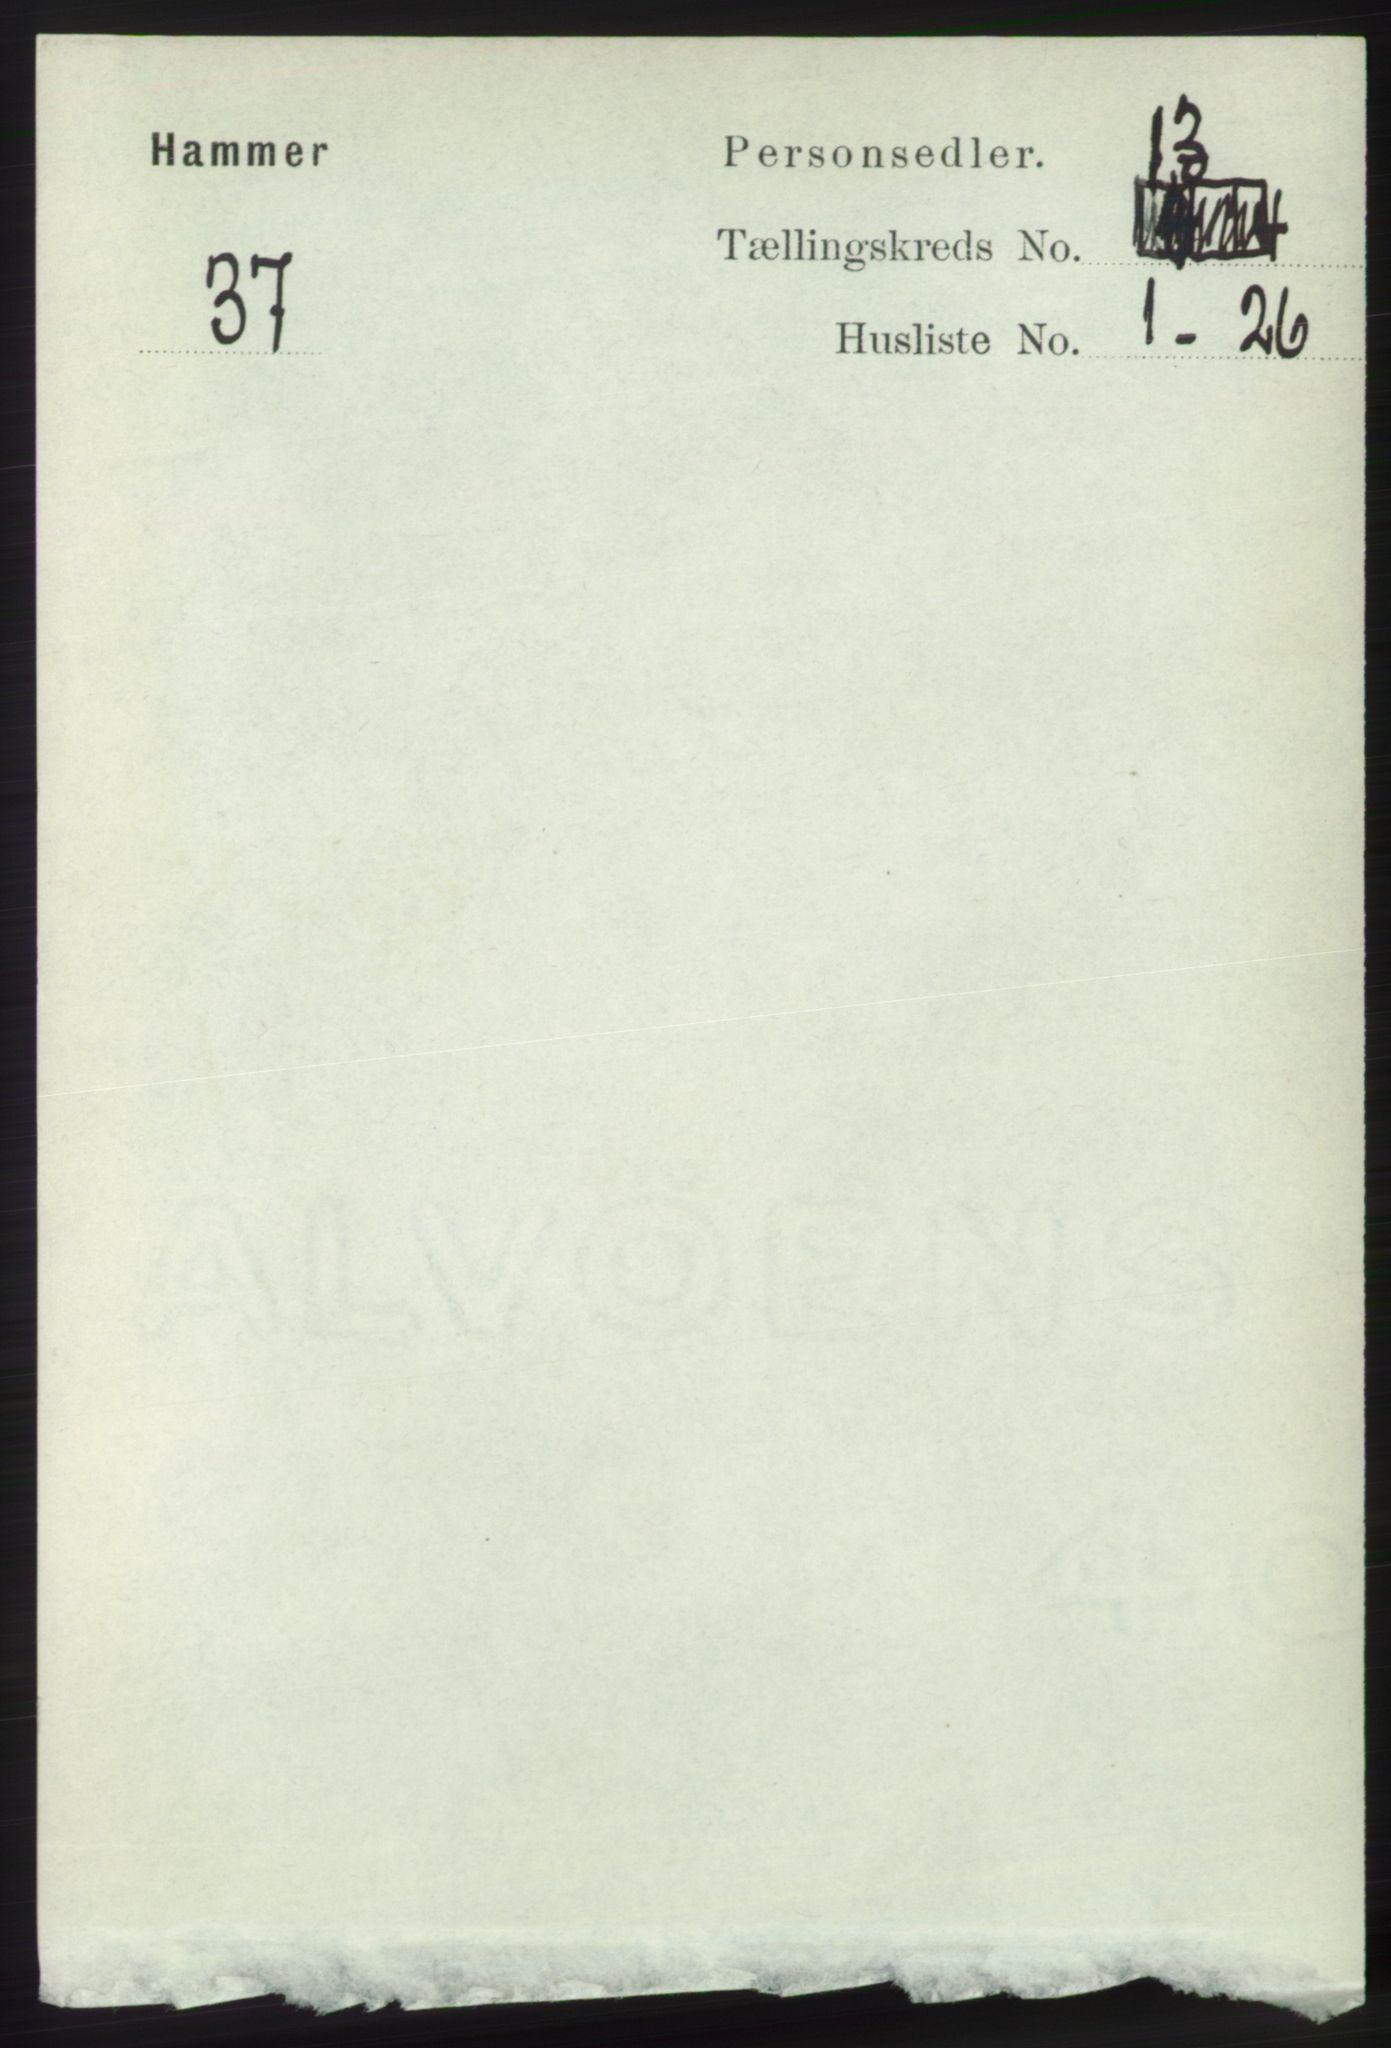 RA, Folketelling 1891 for 1254 Hamre herred, 1891, s. 3992